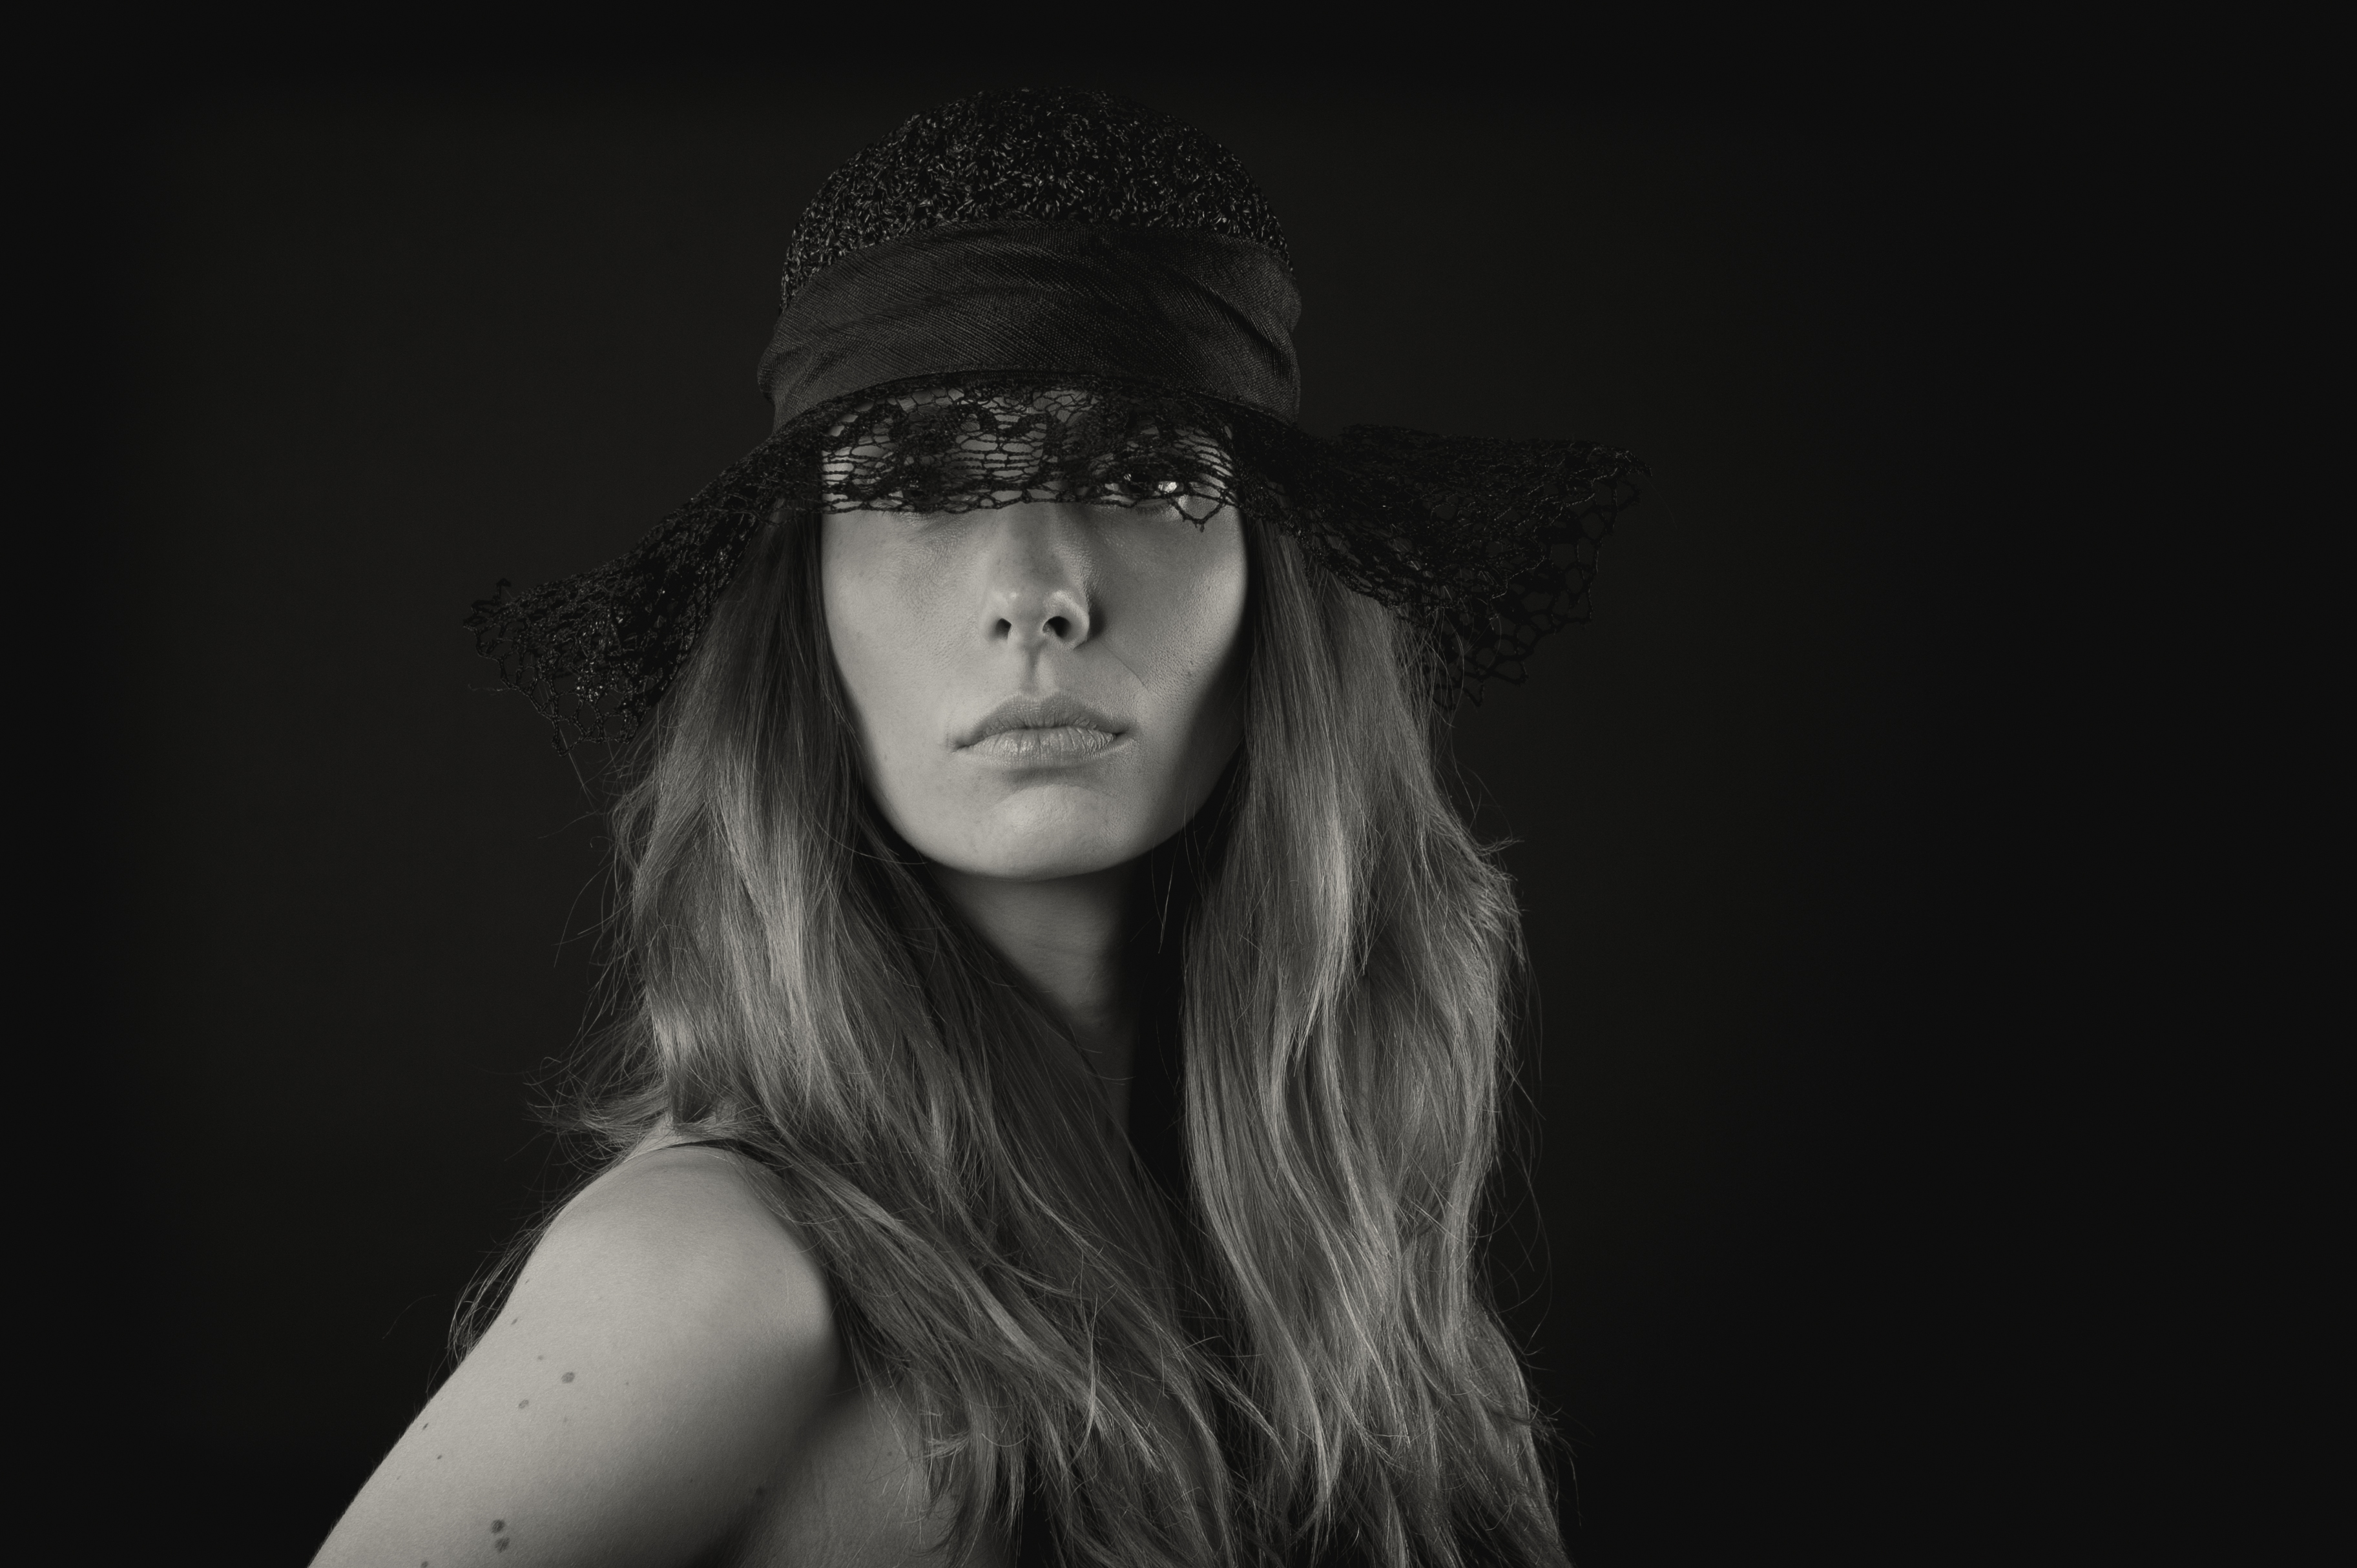 Lone Rasmussen Photography, www.lonerasmussenphotography.dk, portræt, portrætfotografi, kvinde, hat, sort-hvid